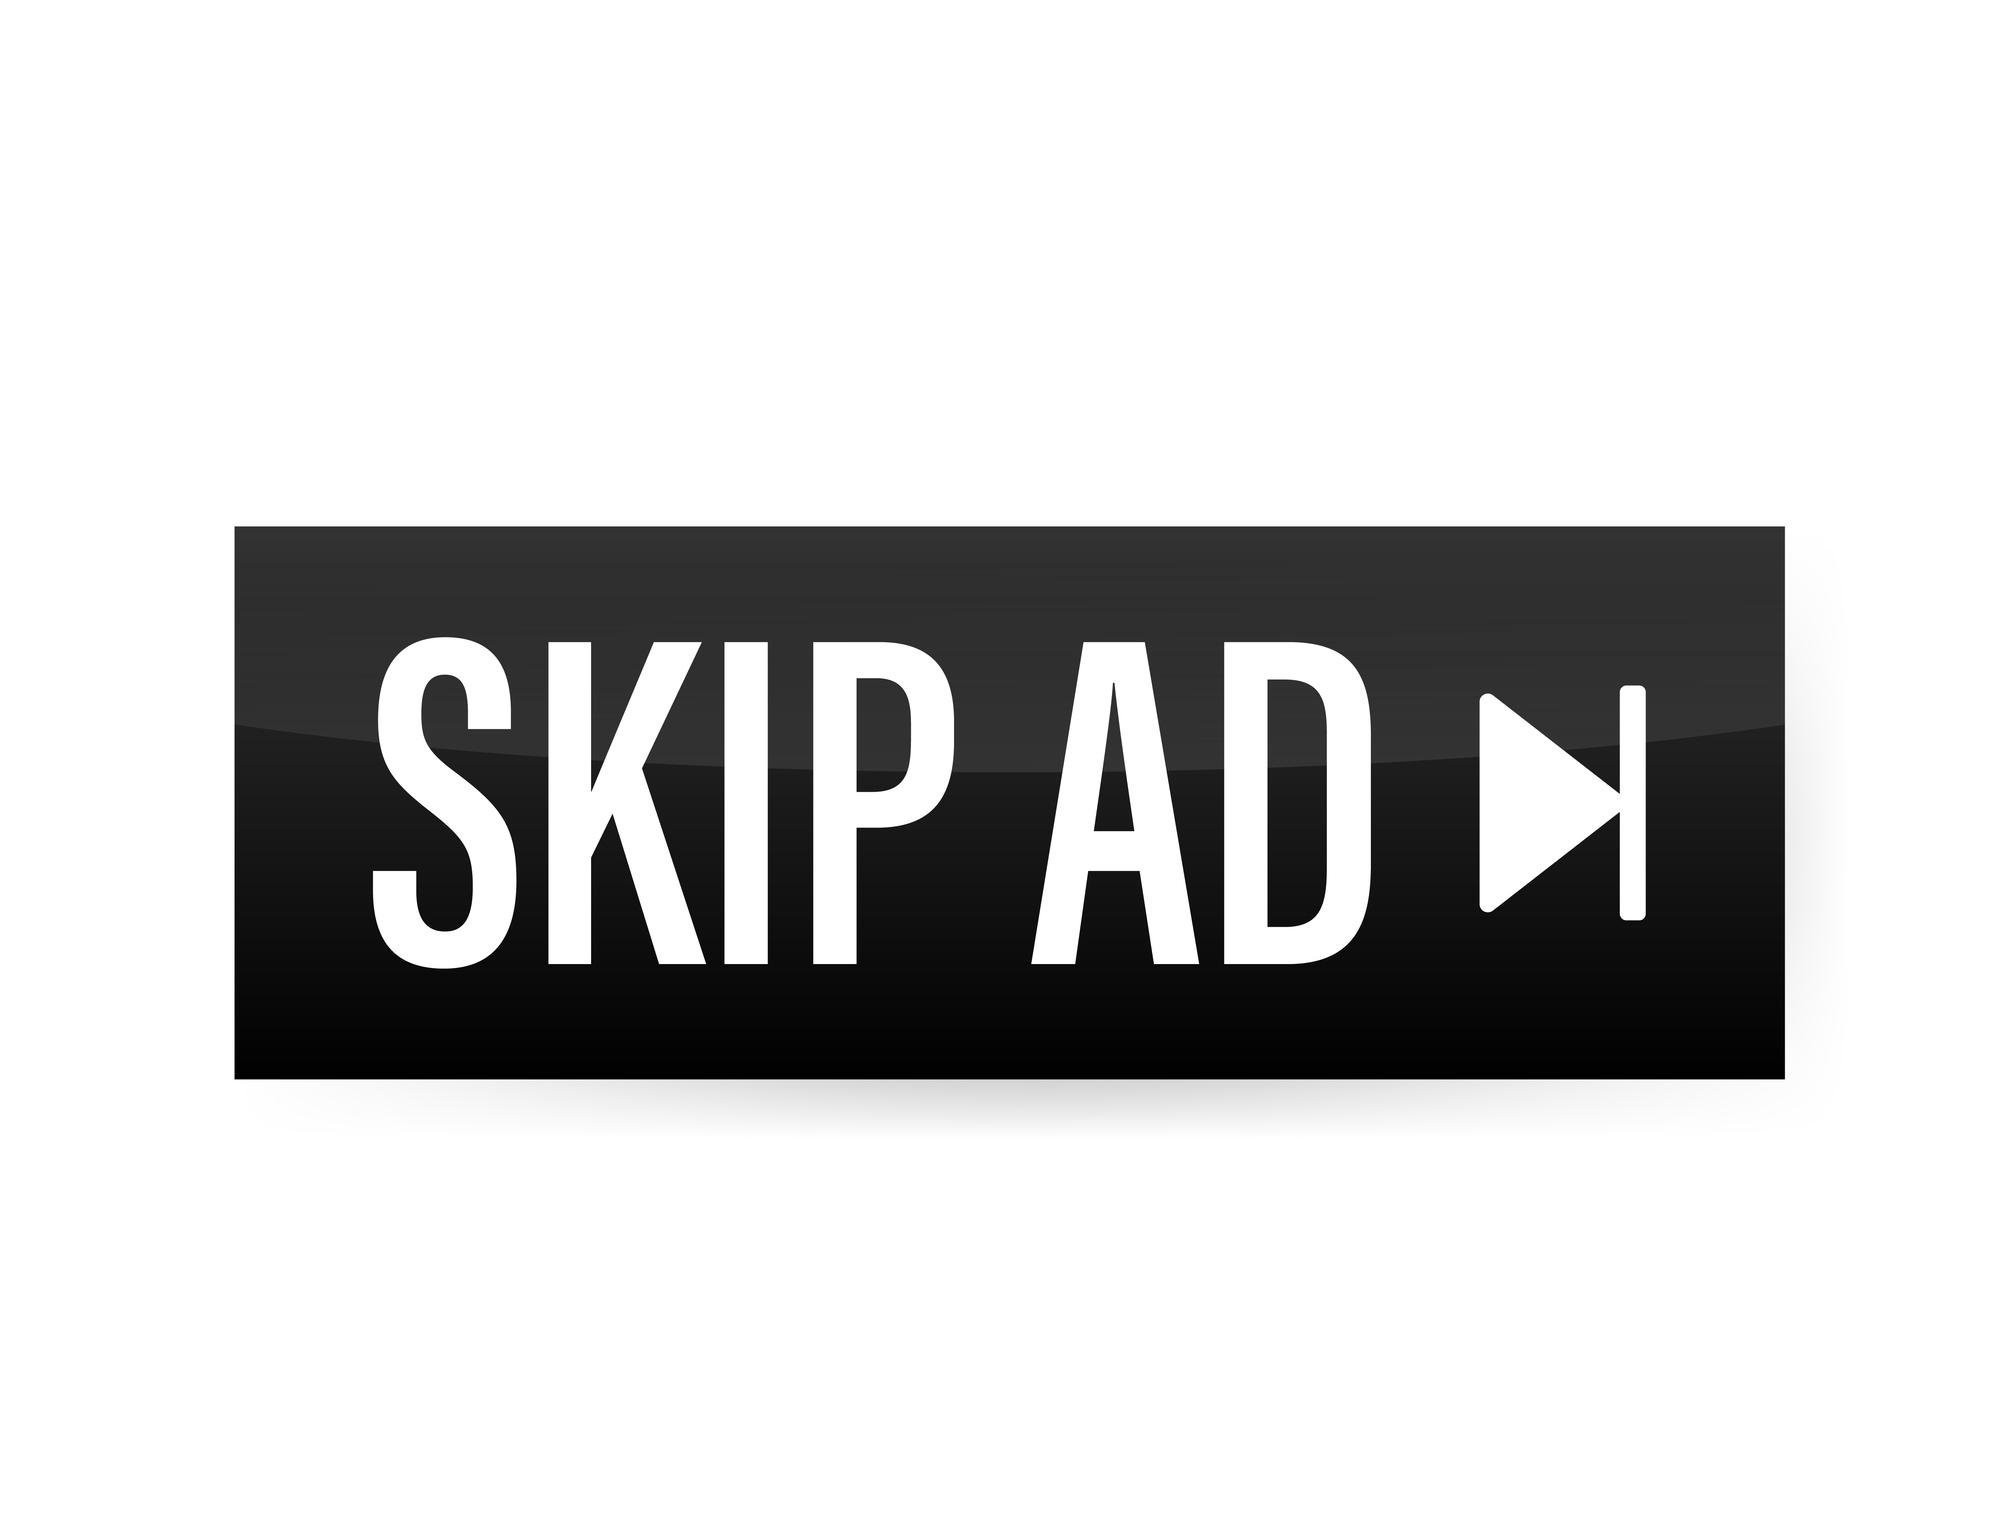 インストリーム広告のメリット・デメリットと活用のコツを徹底解説